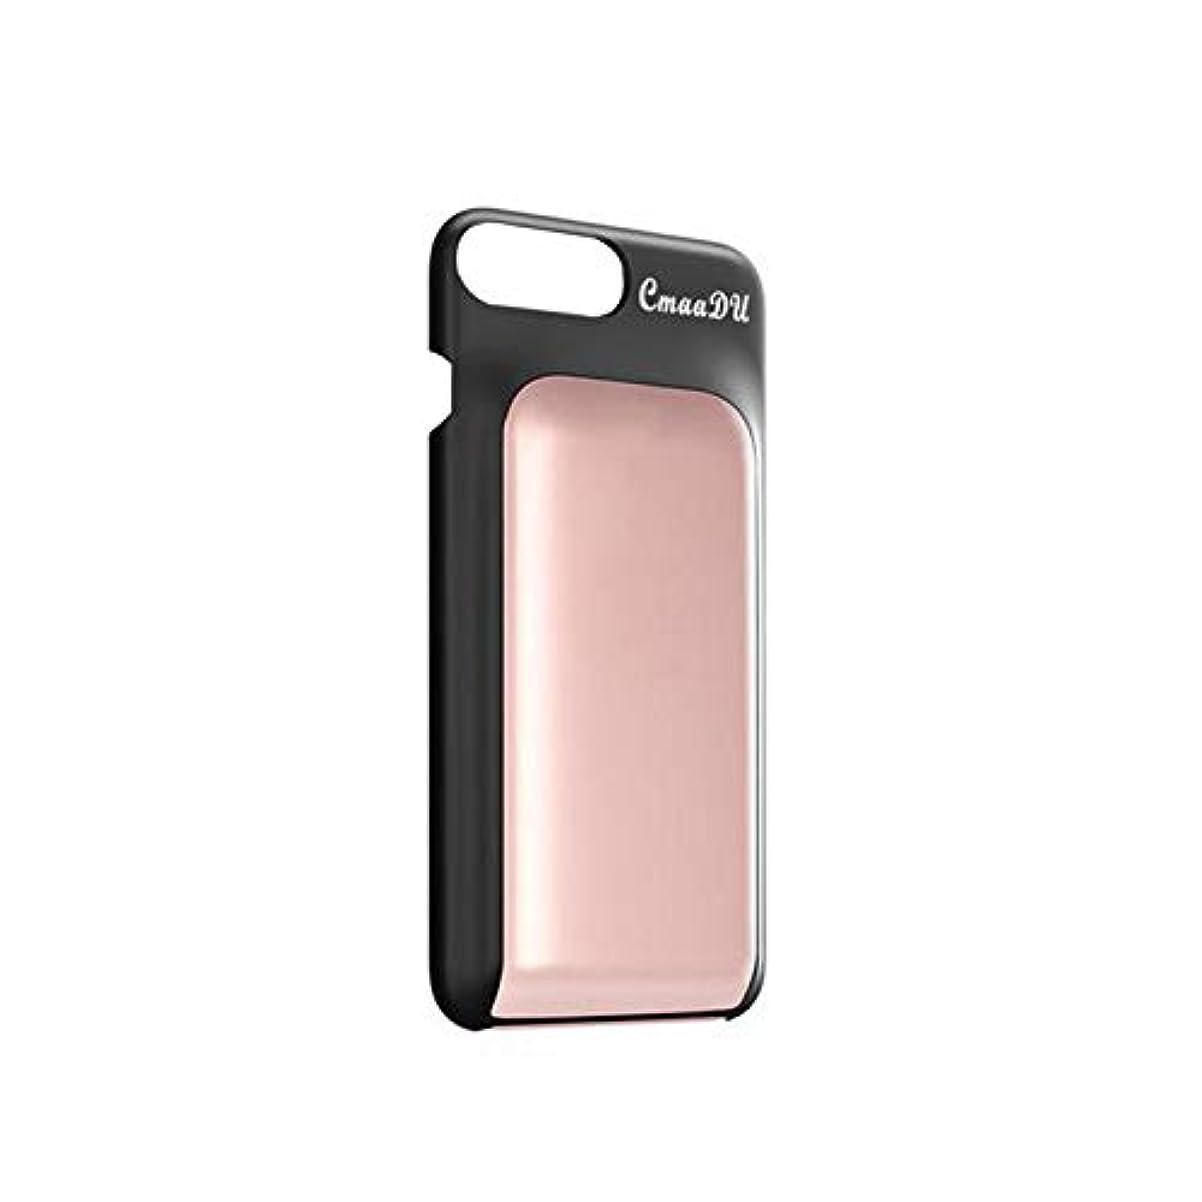 ルージュ 独特 携帯ケース 4タイプ 電話箱 口紅 コンシーラー リップクリーム リップスティック 化粧品 個性 プレゼント お祝いプレゼントに最適ルージュhuajuan